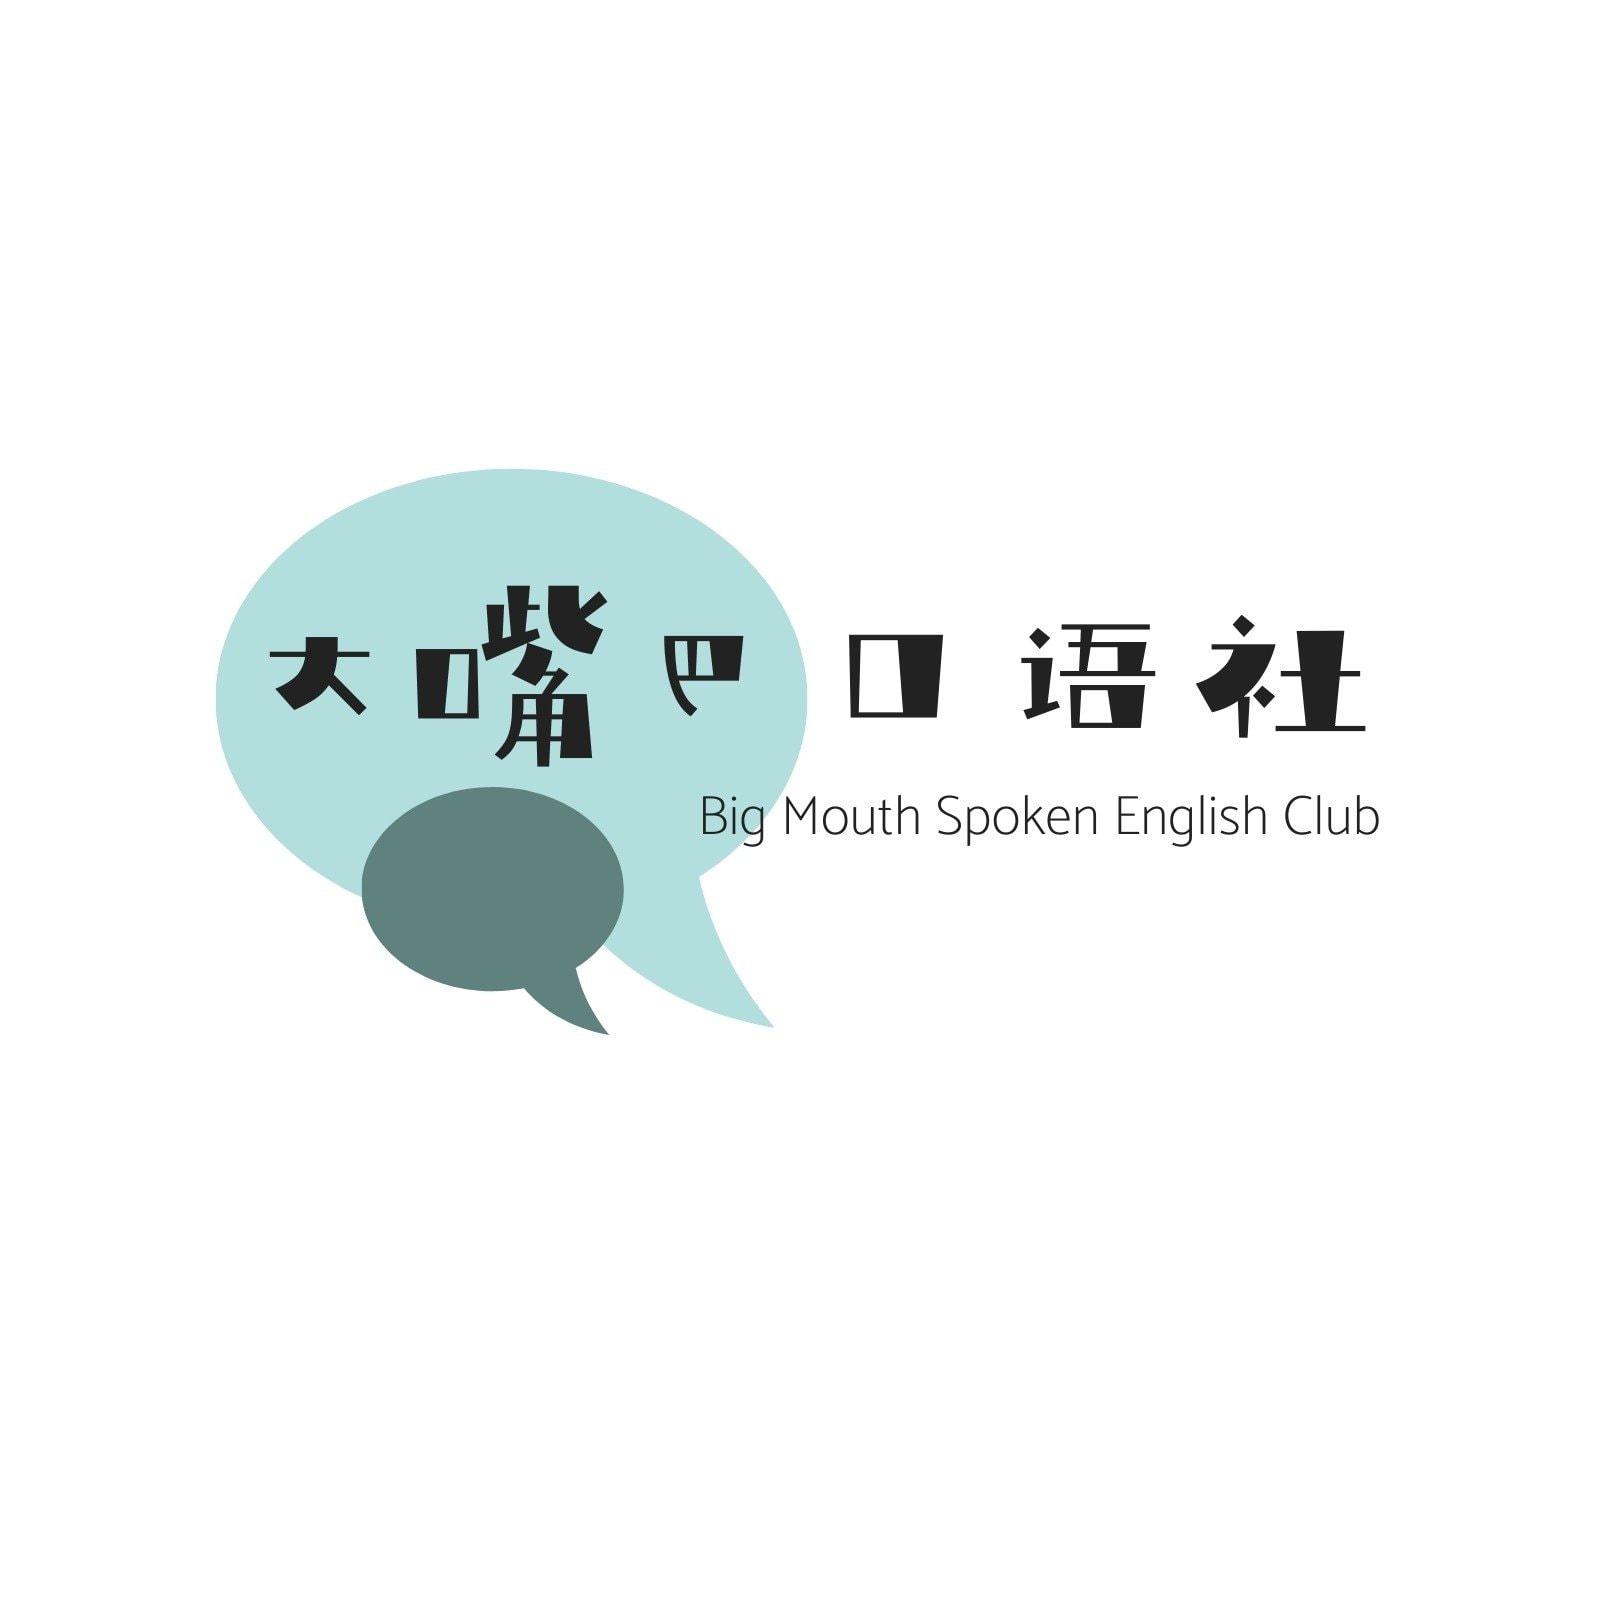 绿蓝色气泡对话框卡通宣传logo